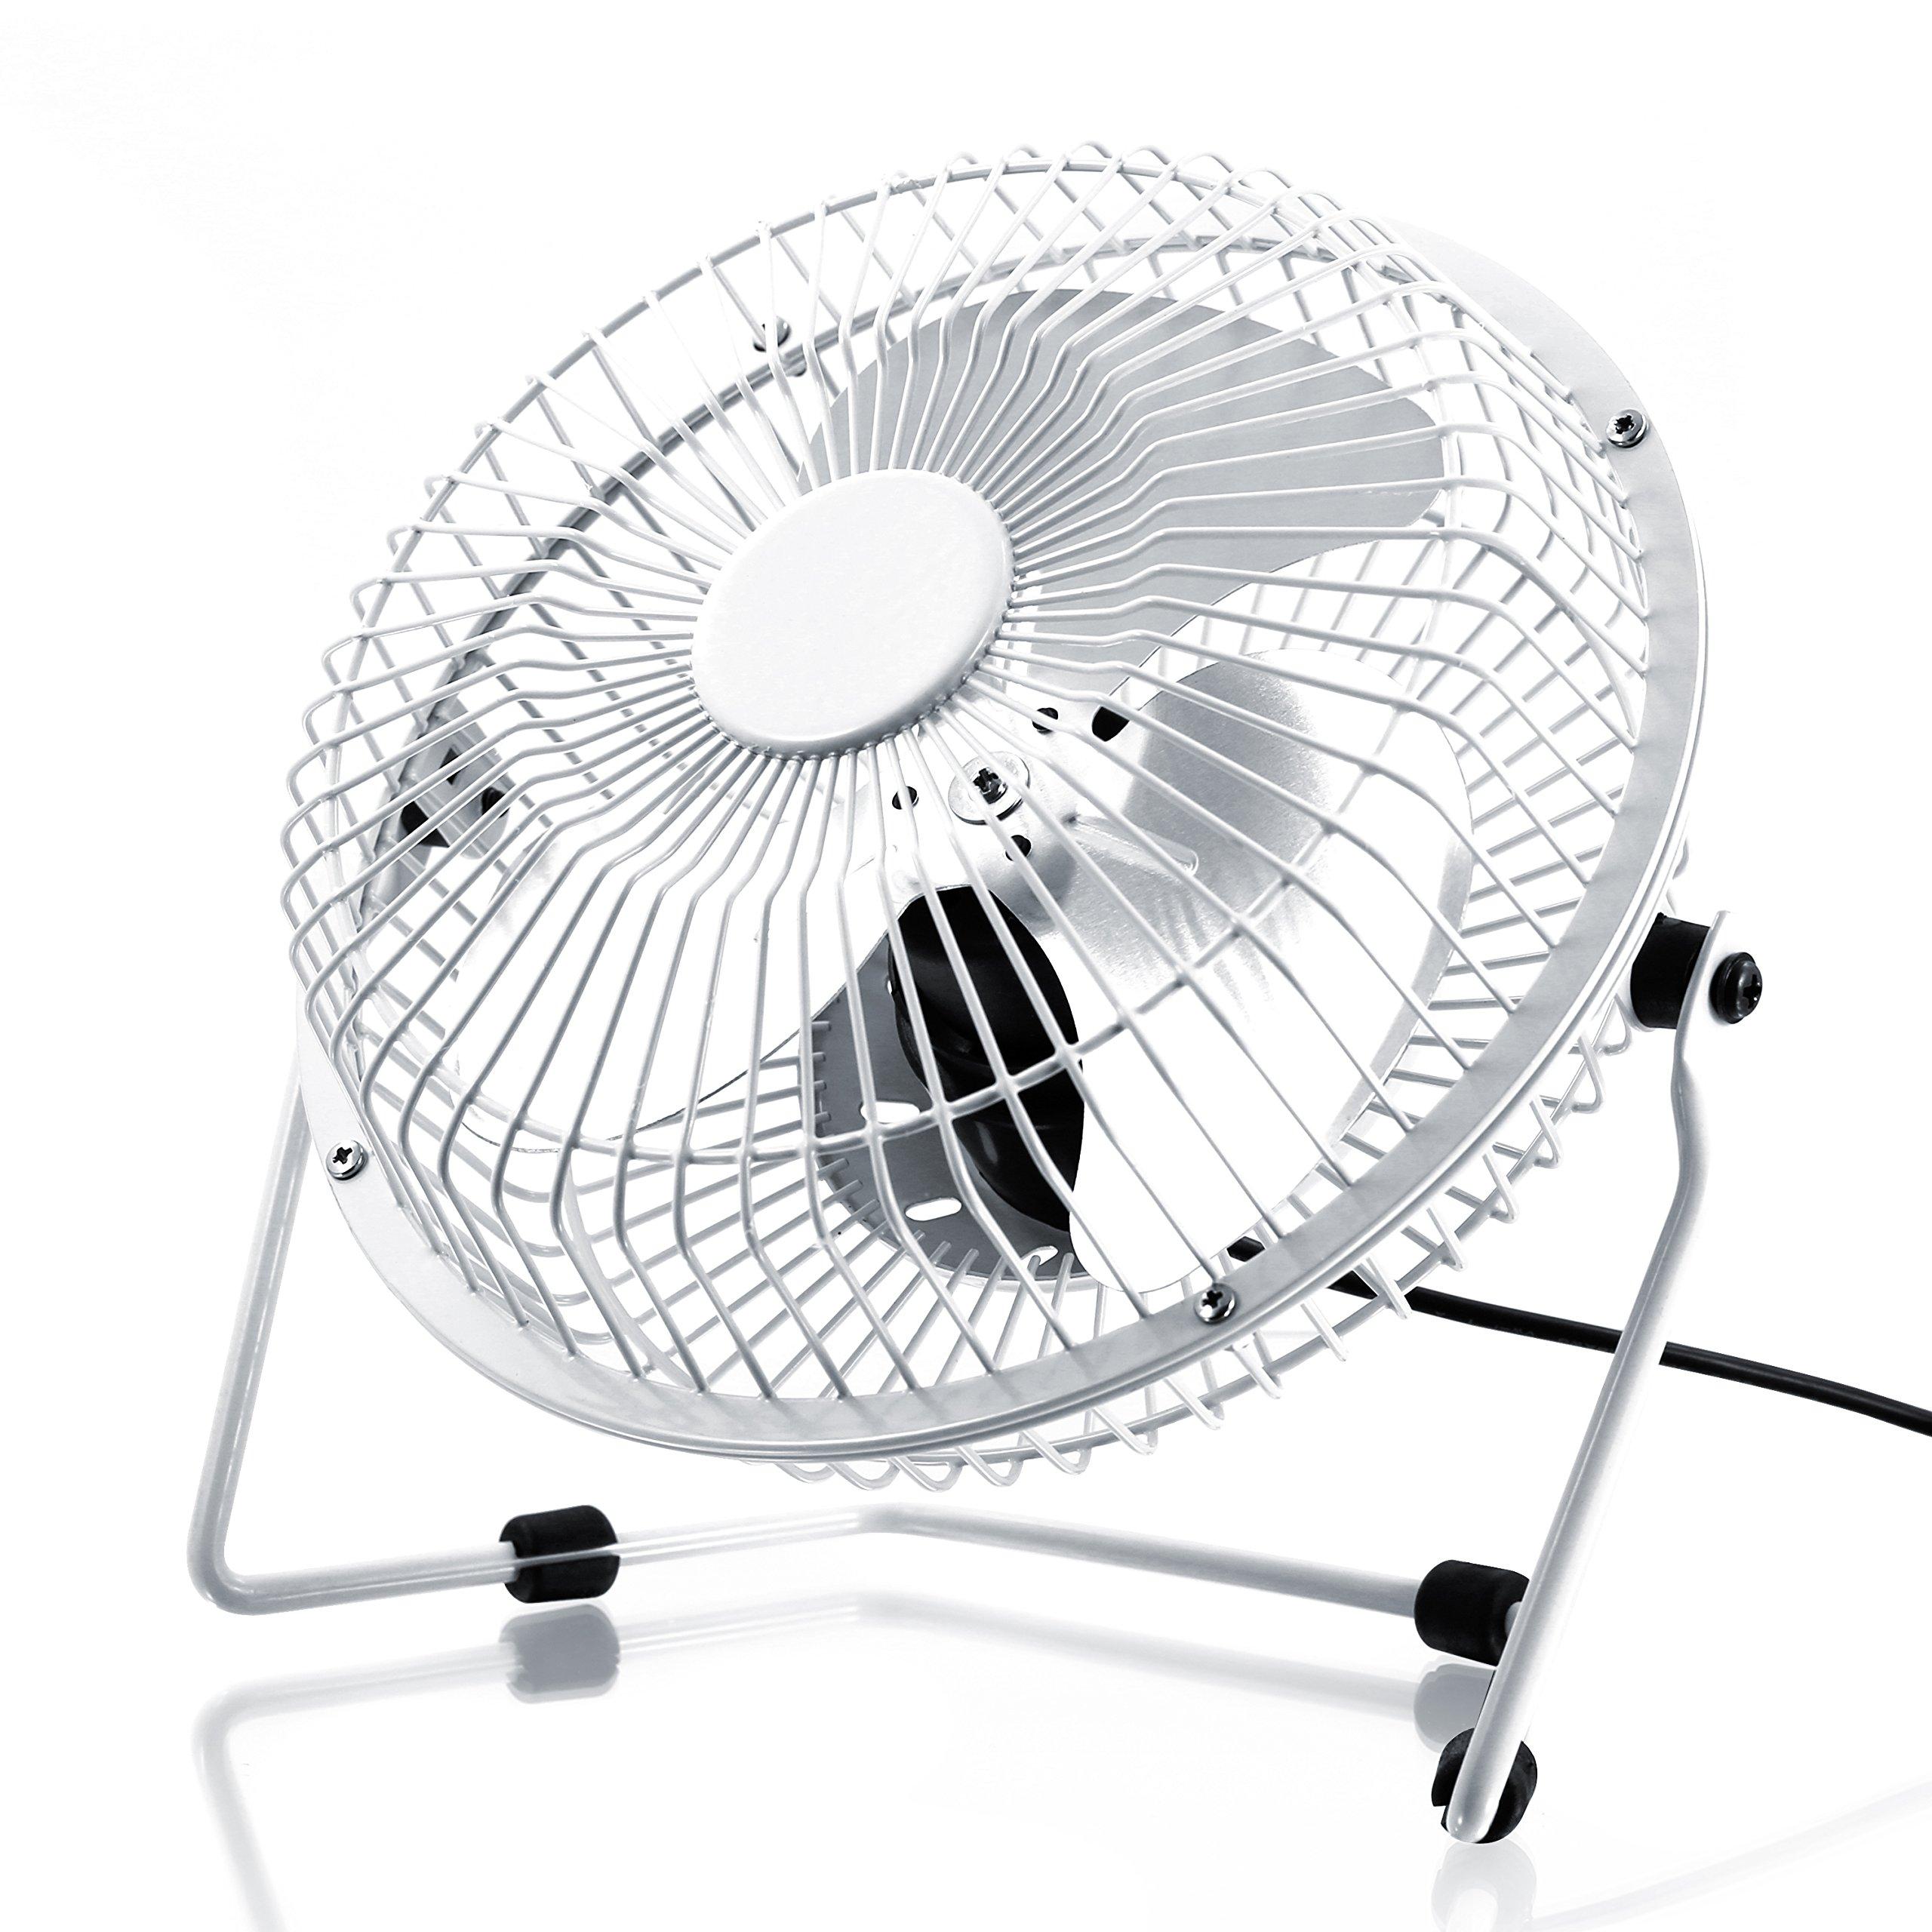 CSL - USB Ventilador/Fan | Ventilador de Mesa | Carcasa/aspas de Metal | PC/ portátil | en Blanco: Amazon.es: Electrónica